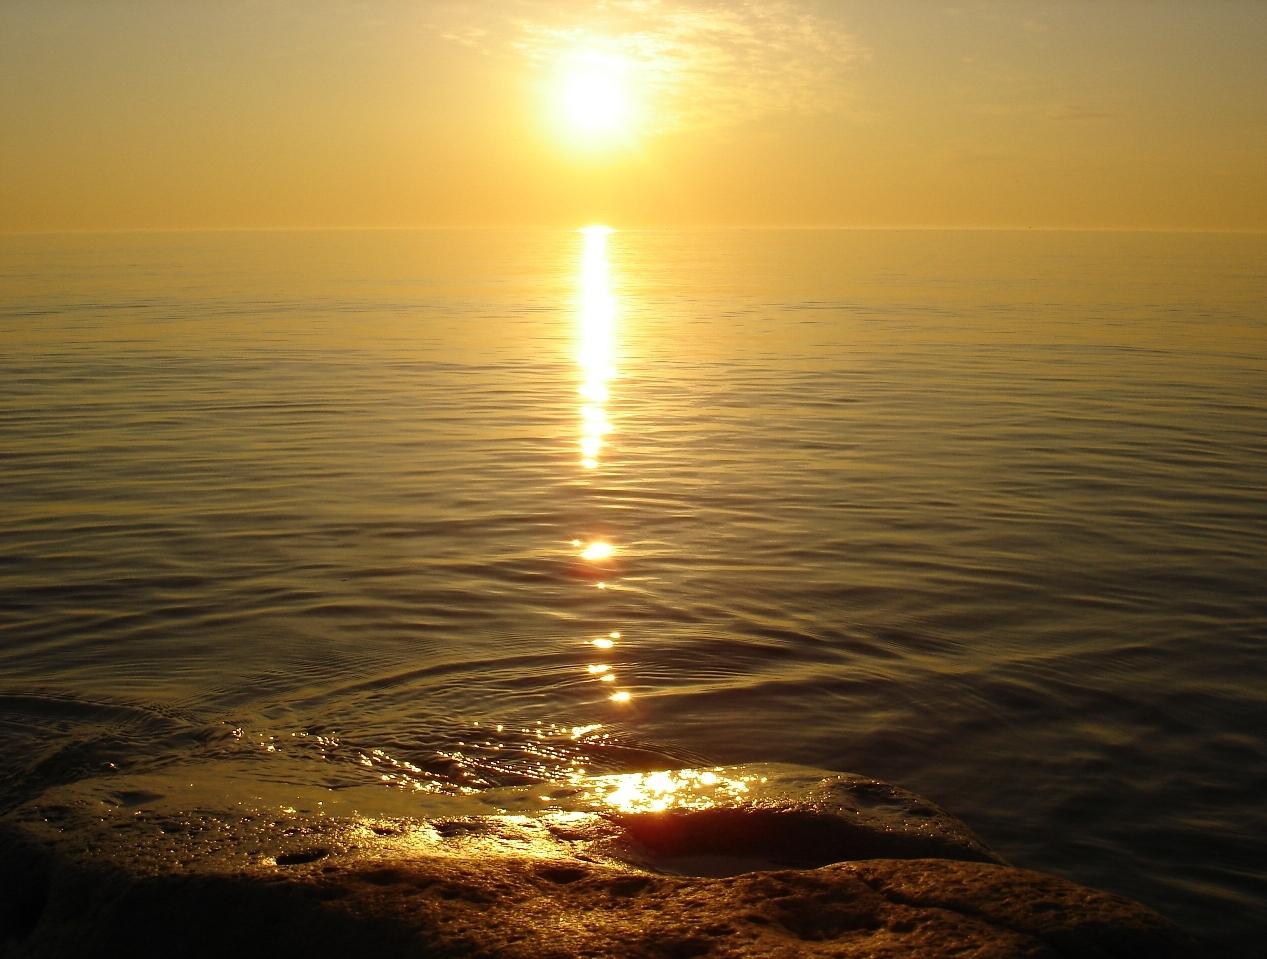 Sunrise 13021 094i